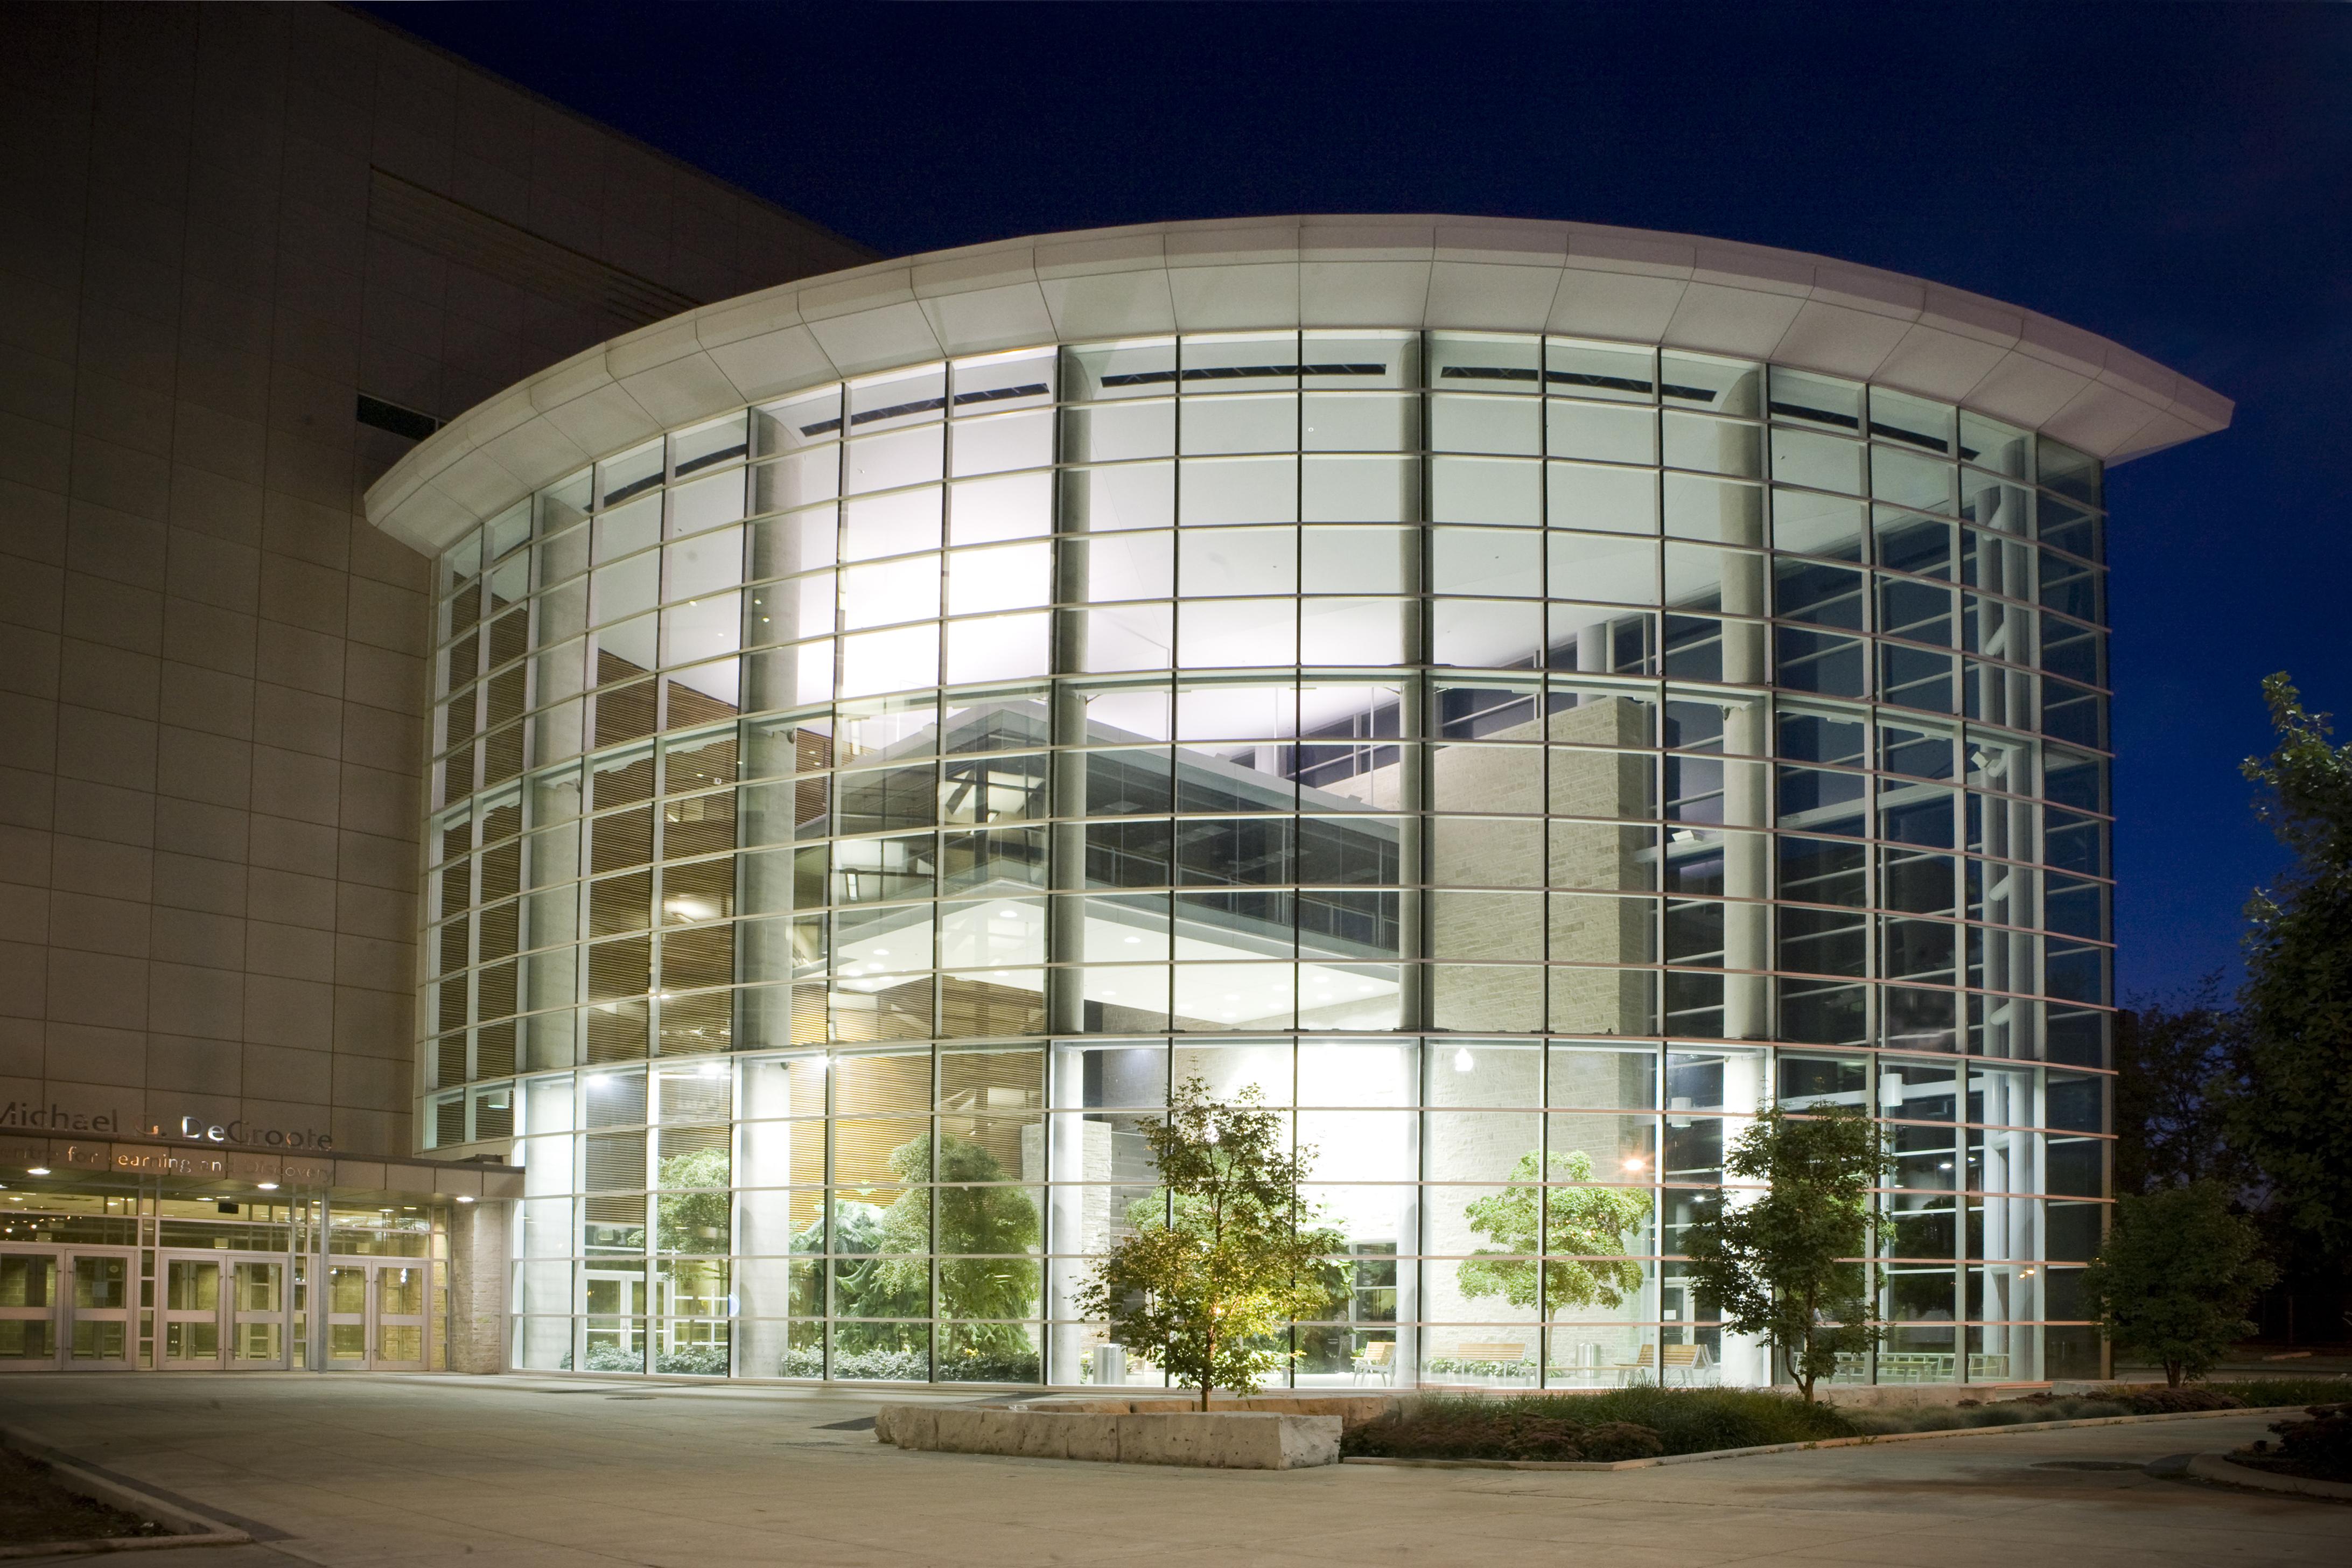 exterior glass building